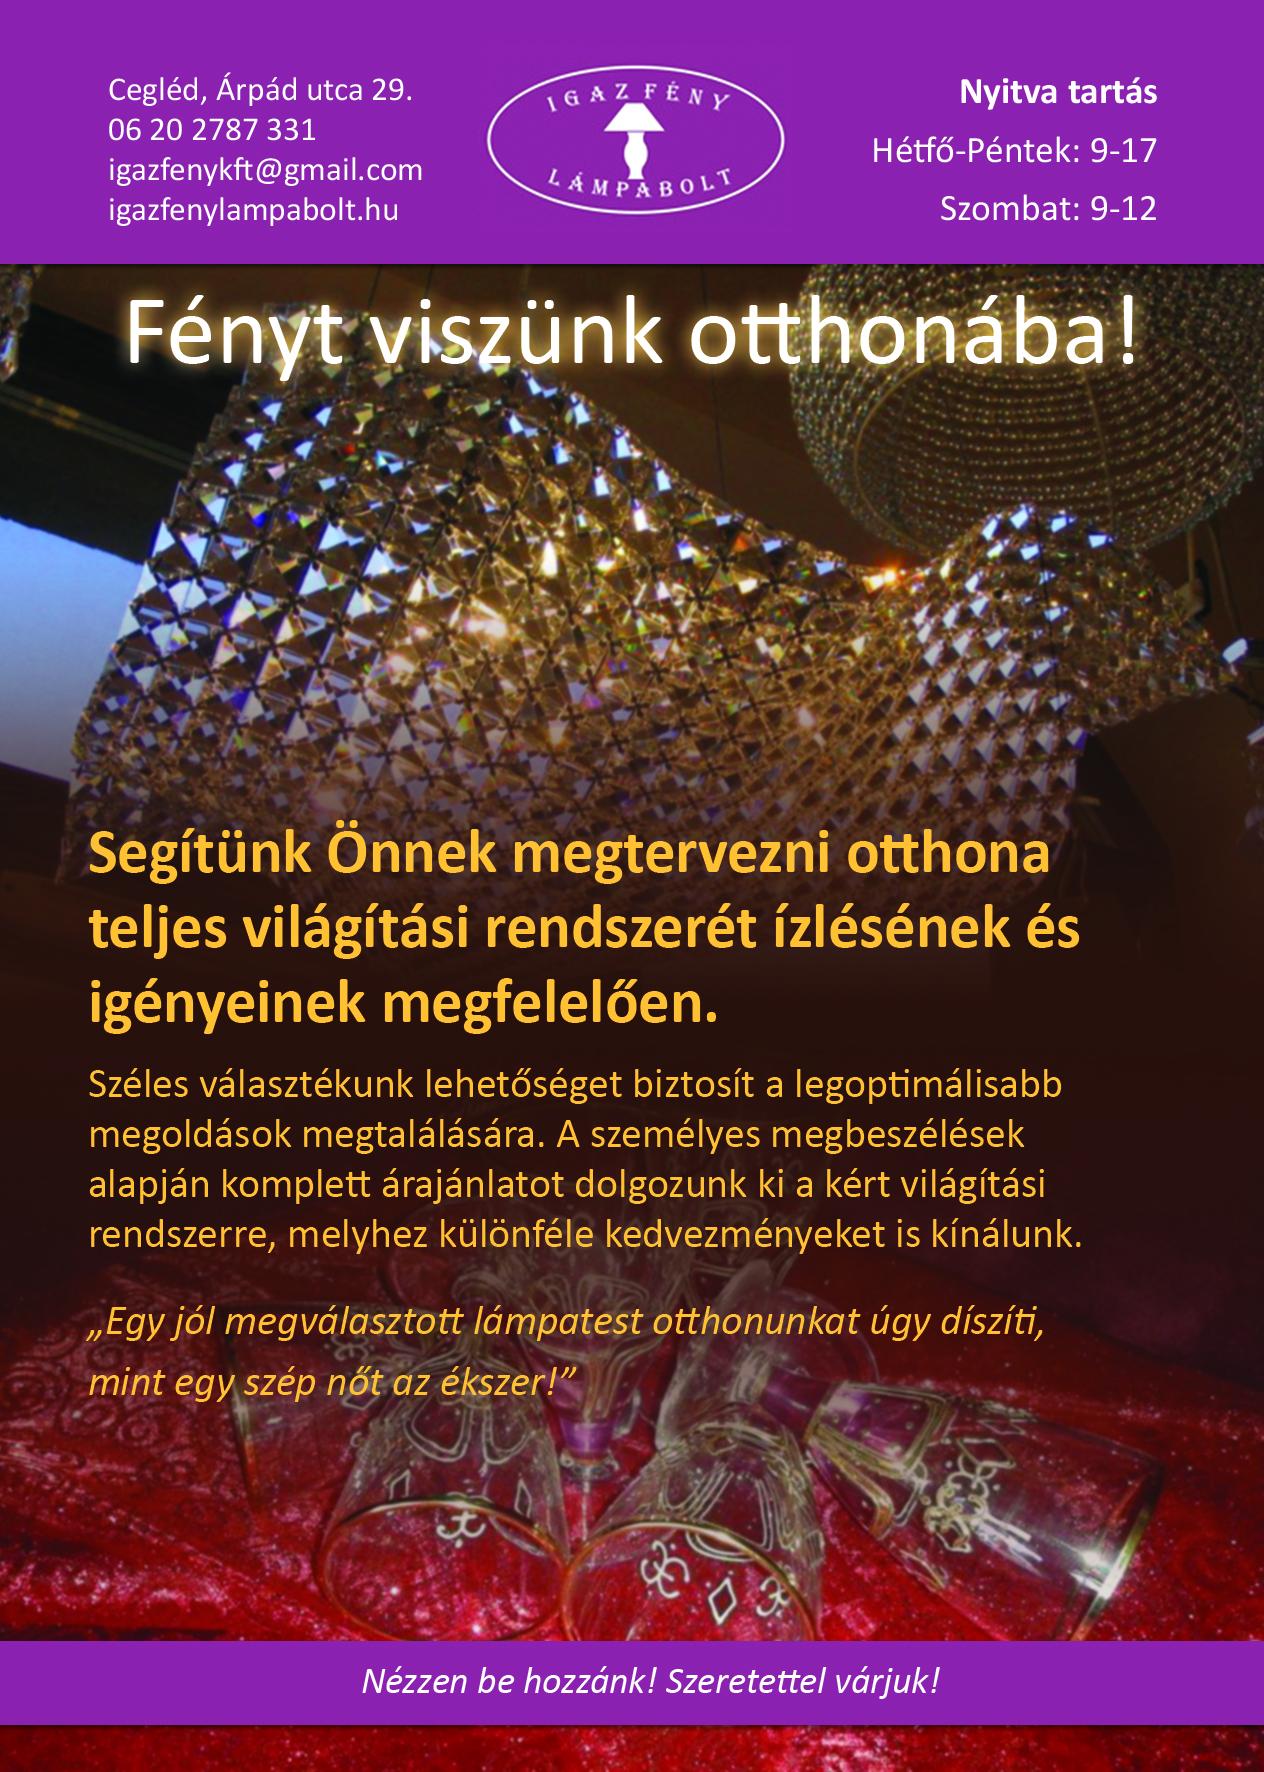 igazfeny-plakat_hirdetes